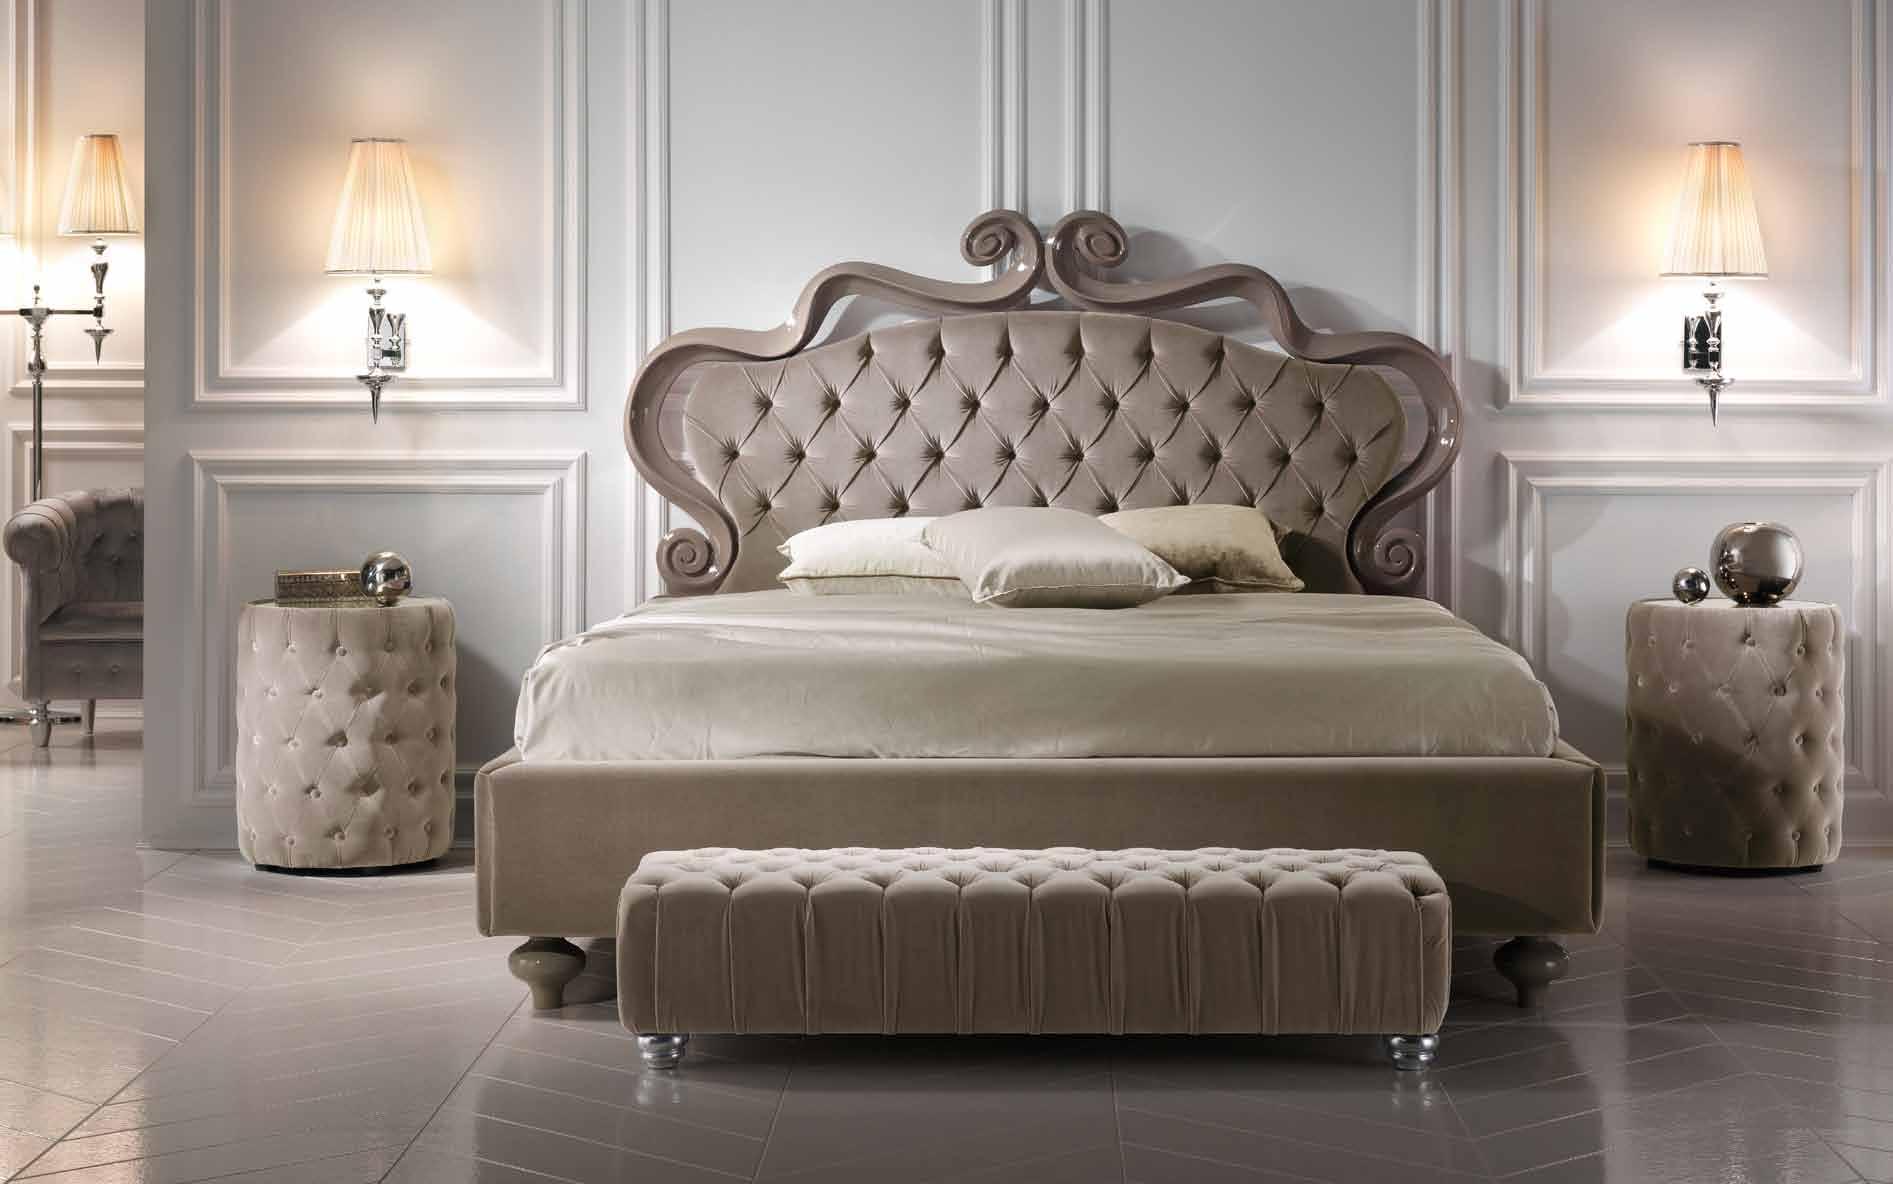 банкетка в итальянском стиле в гарнитуре с мебелью